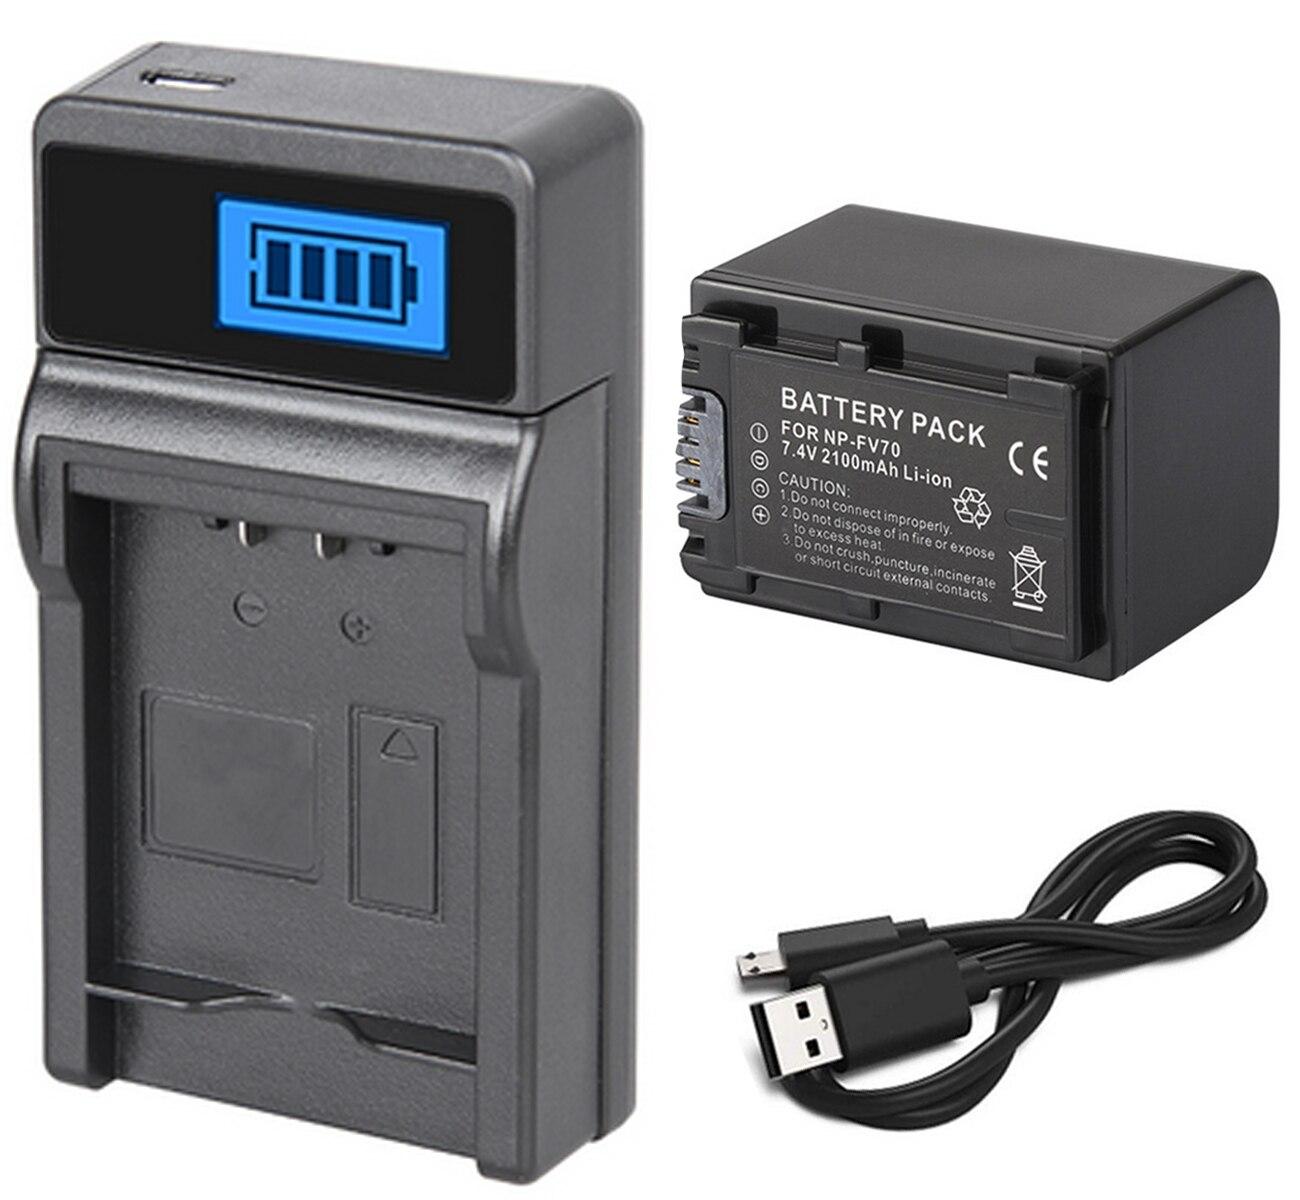 Paquete de baterías + cargador para Sony Handycam HDR-CX210, HDR-CX220, HDR-CX230, HDR-CX250,...